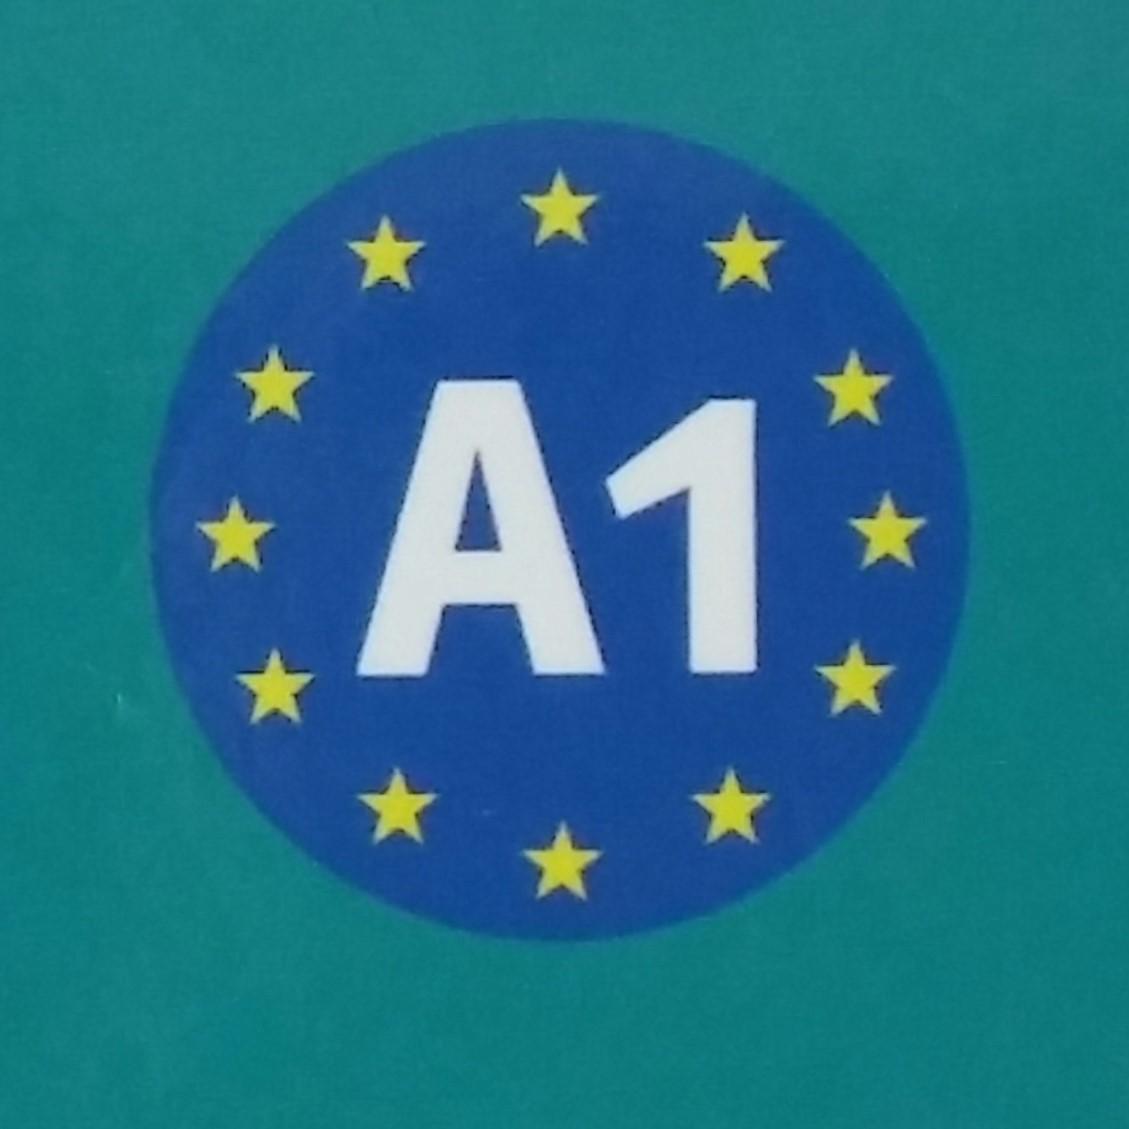 A1 Niveau emblem